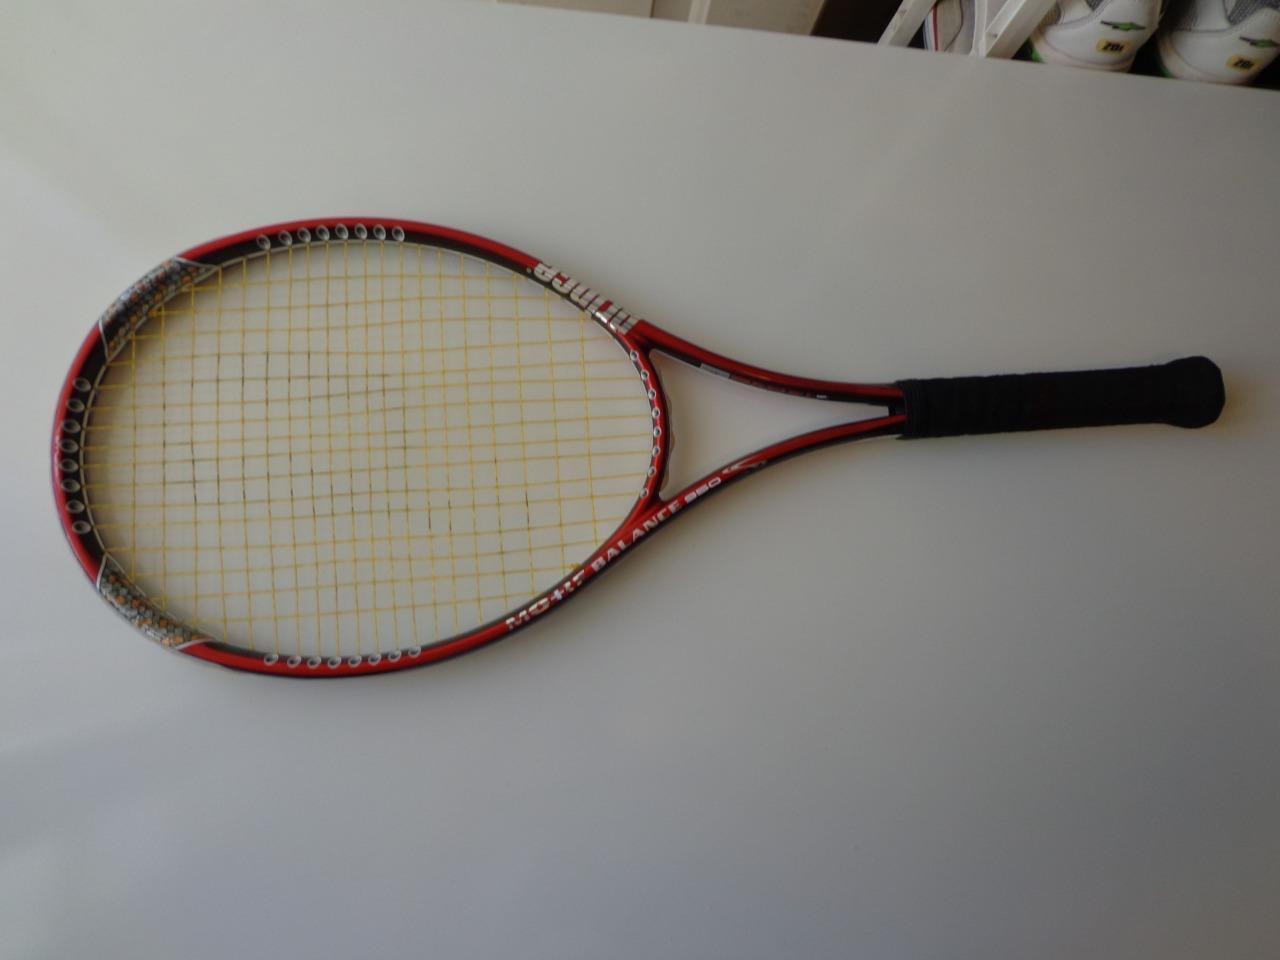 Nuevo príncipe más rendimiento 100 cabeza 4 1 2 Grip Tenis Raqueta